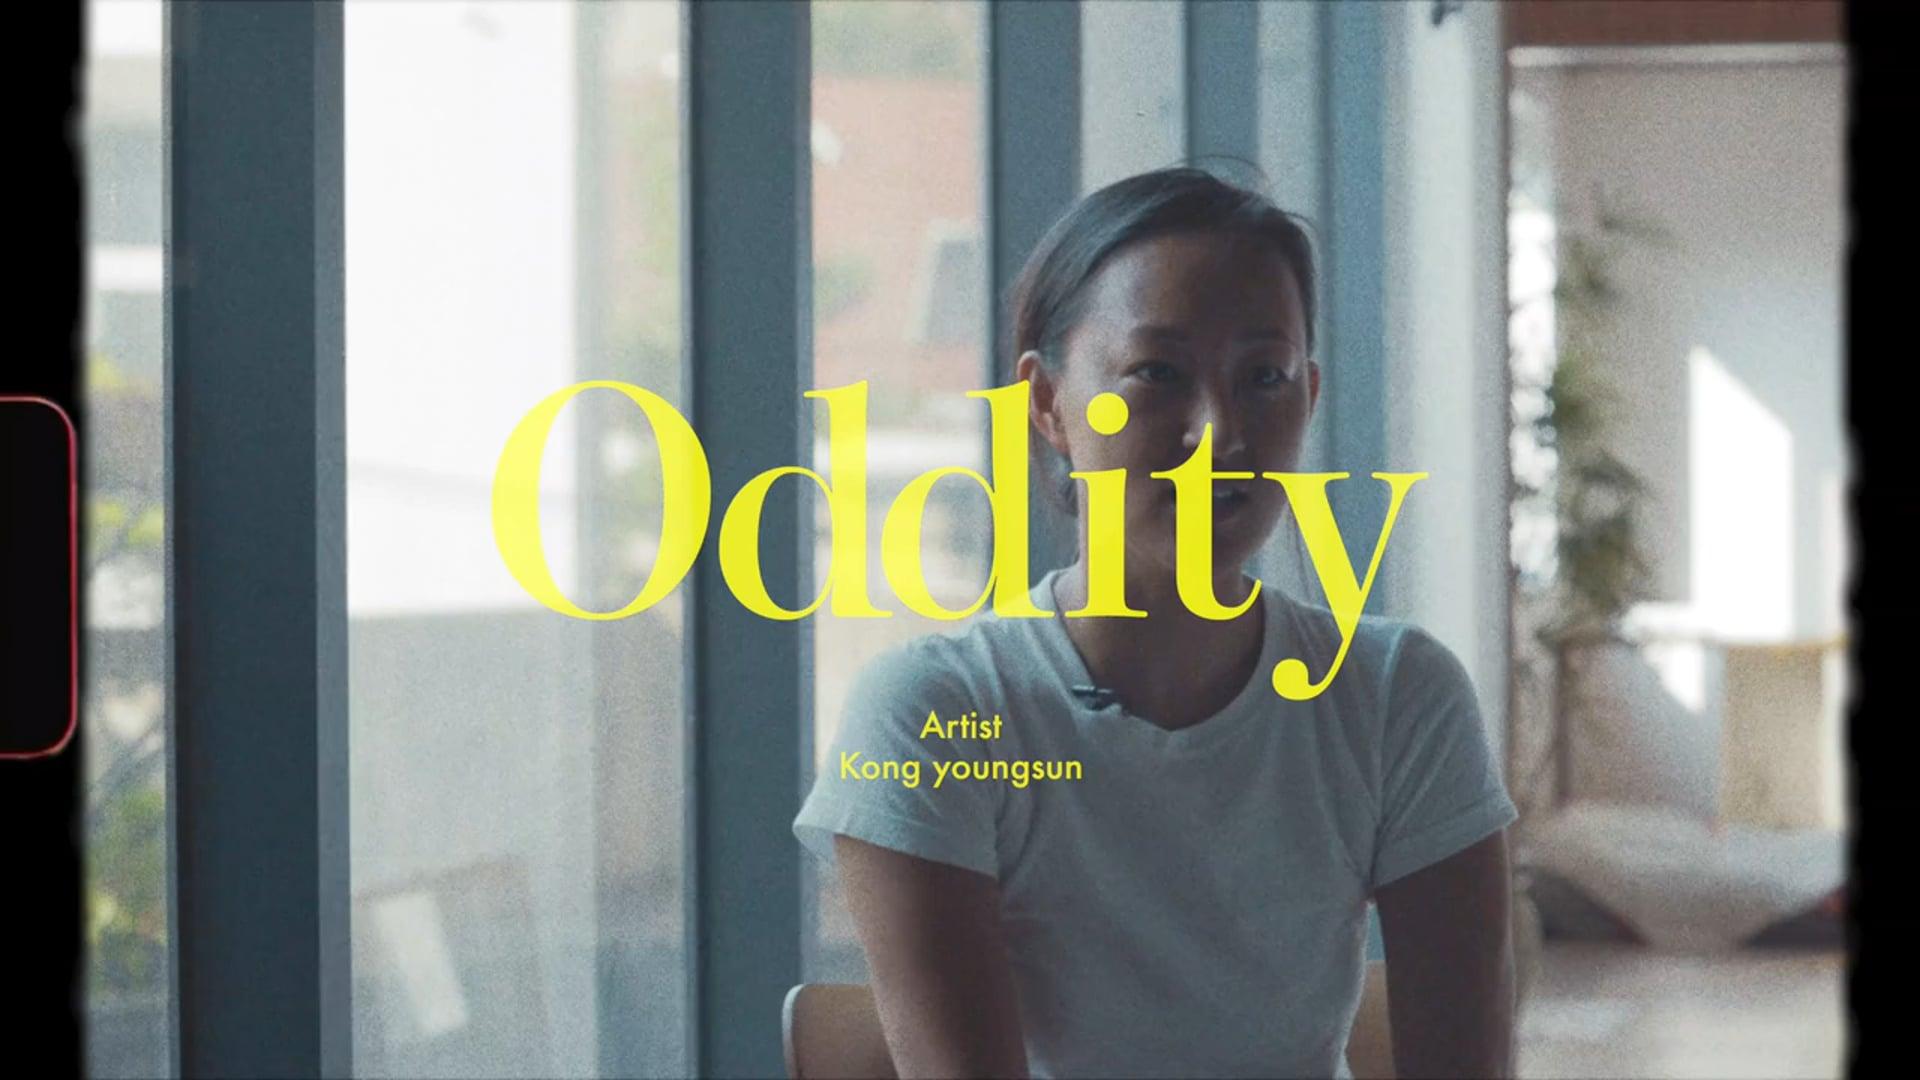 Oddity - Kong yougsun